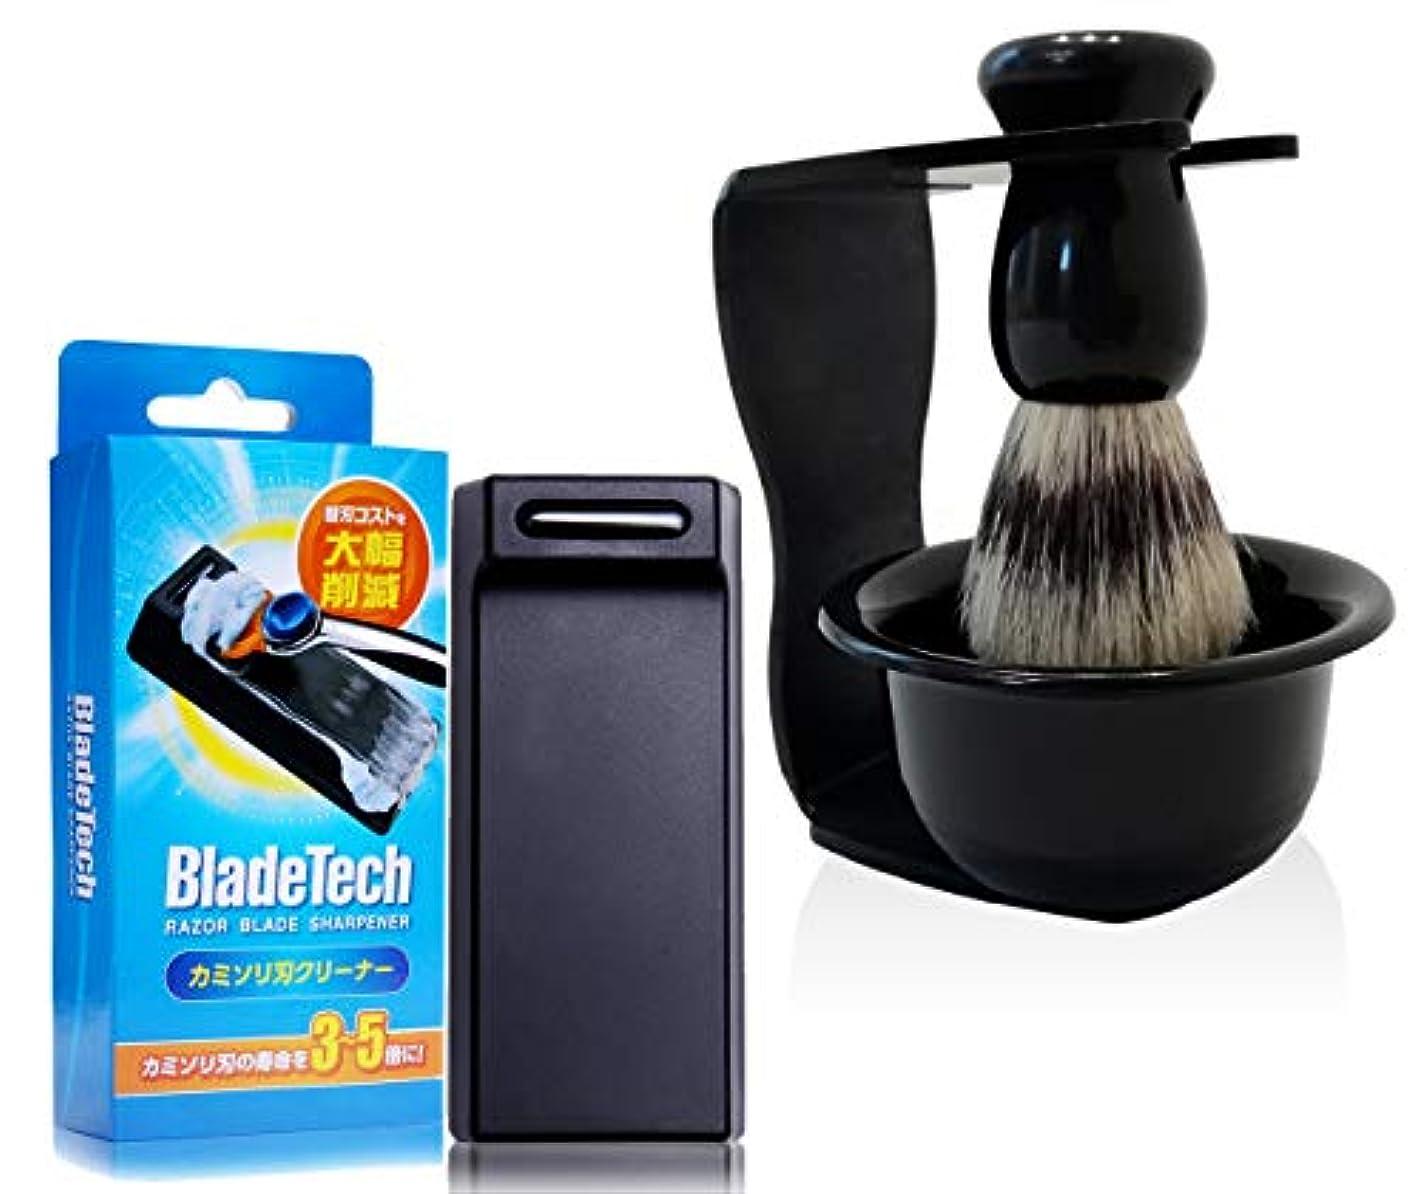 恩赦珍しいチャーム髭剃り シェービングツールセット (カミソリ刃クリーナー、 シェービングブラシ、 シェービングカップ?スタンド)